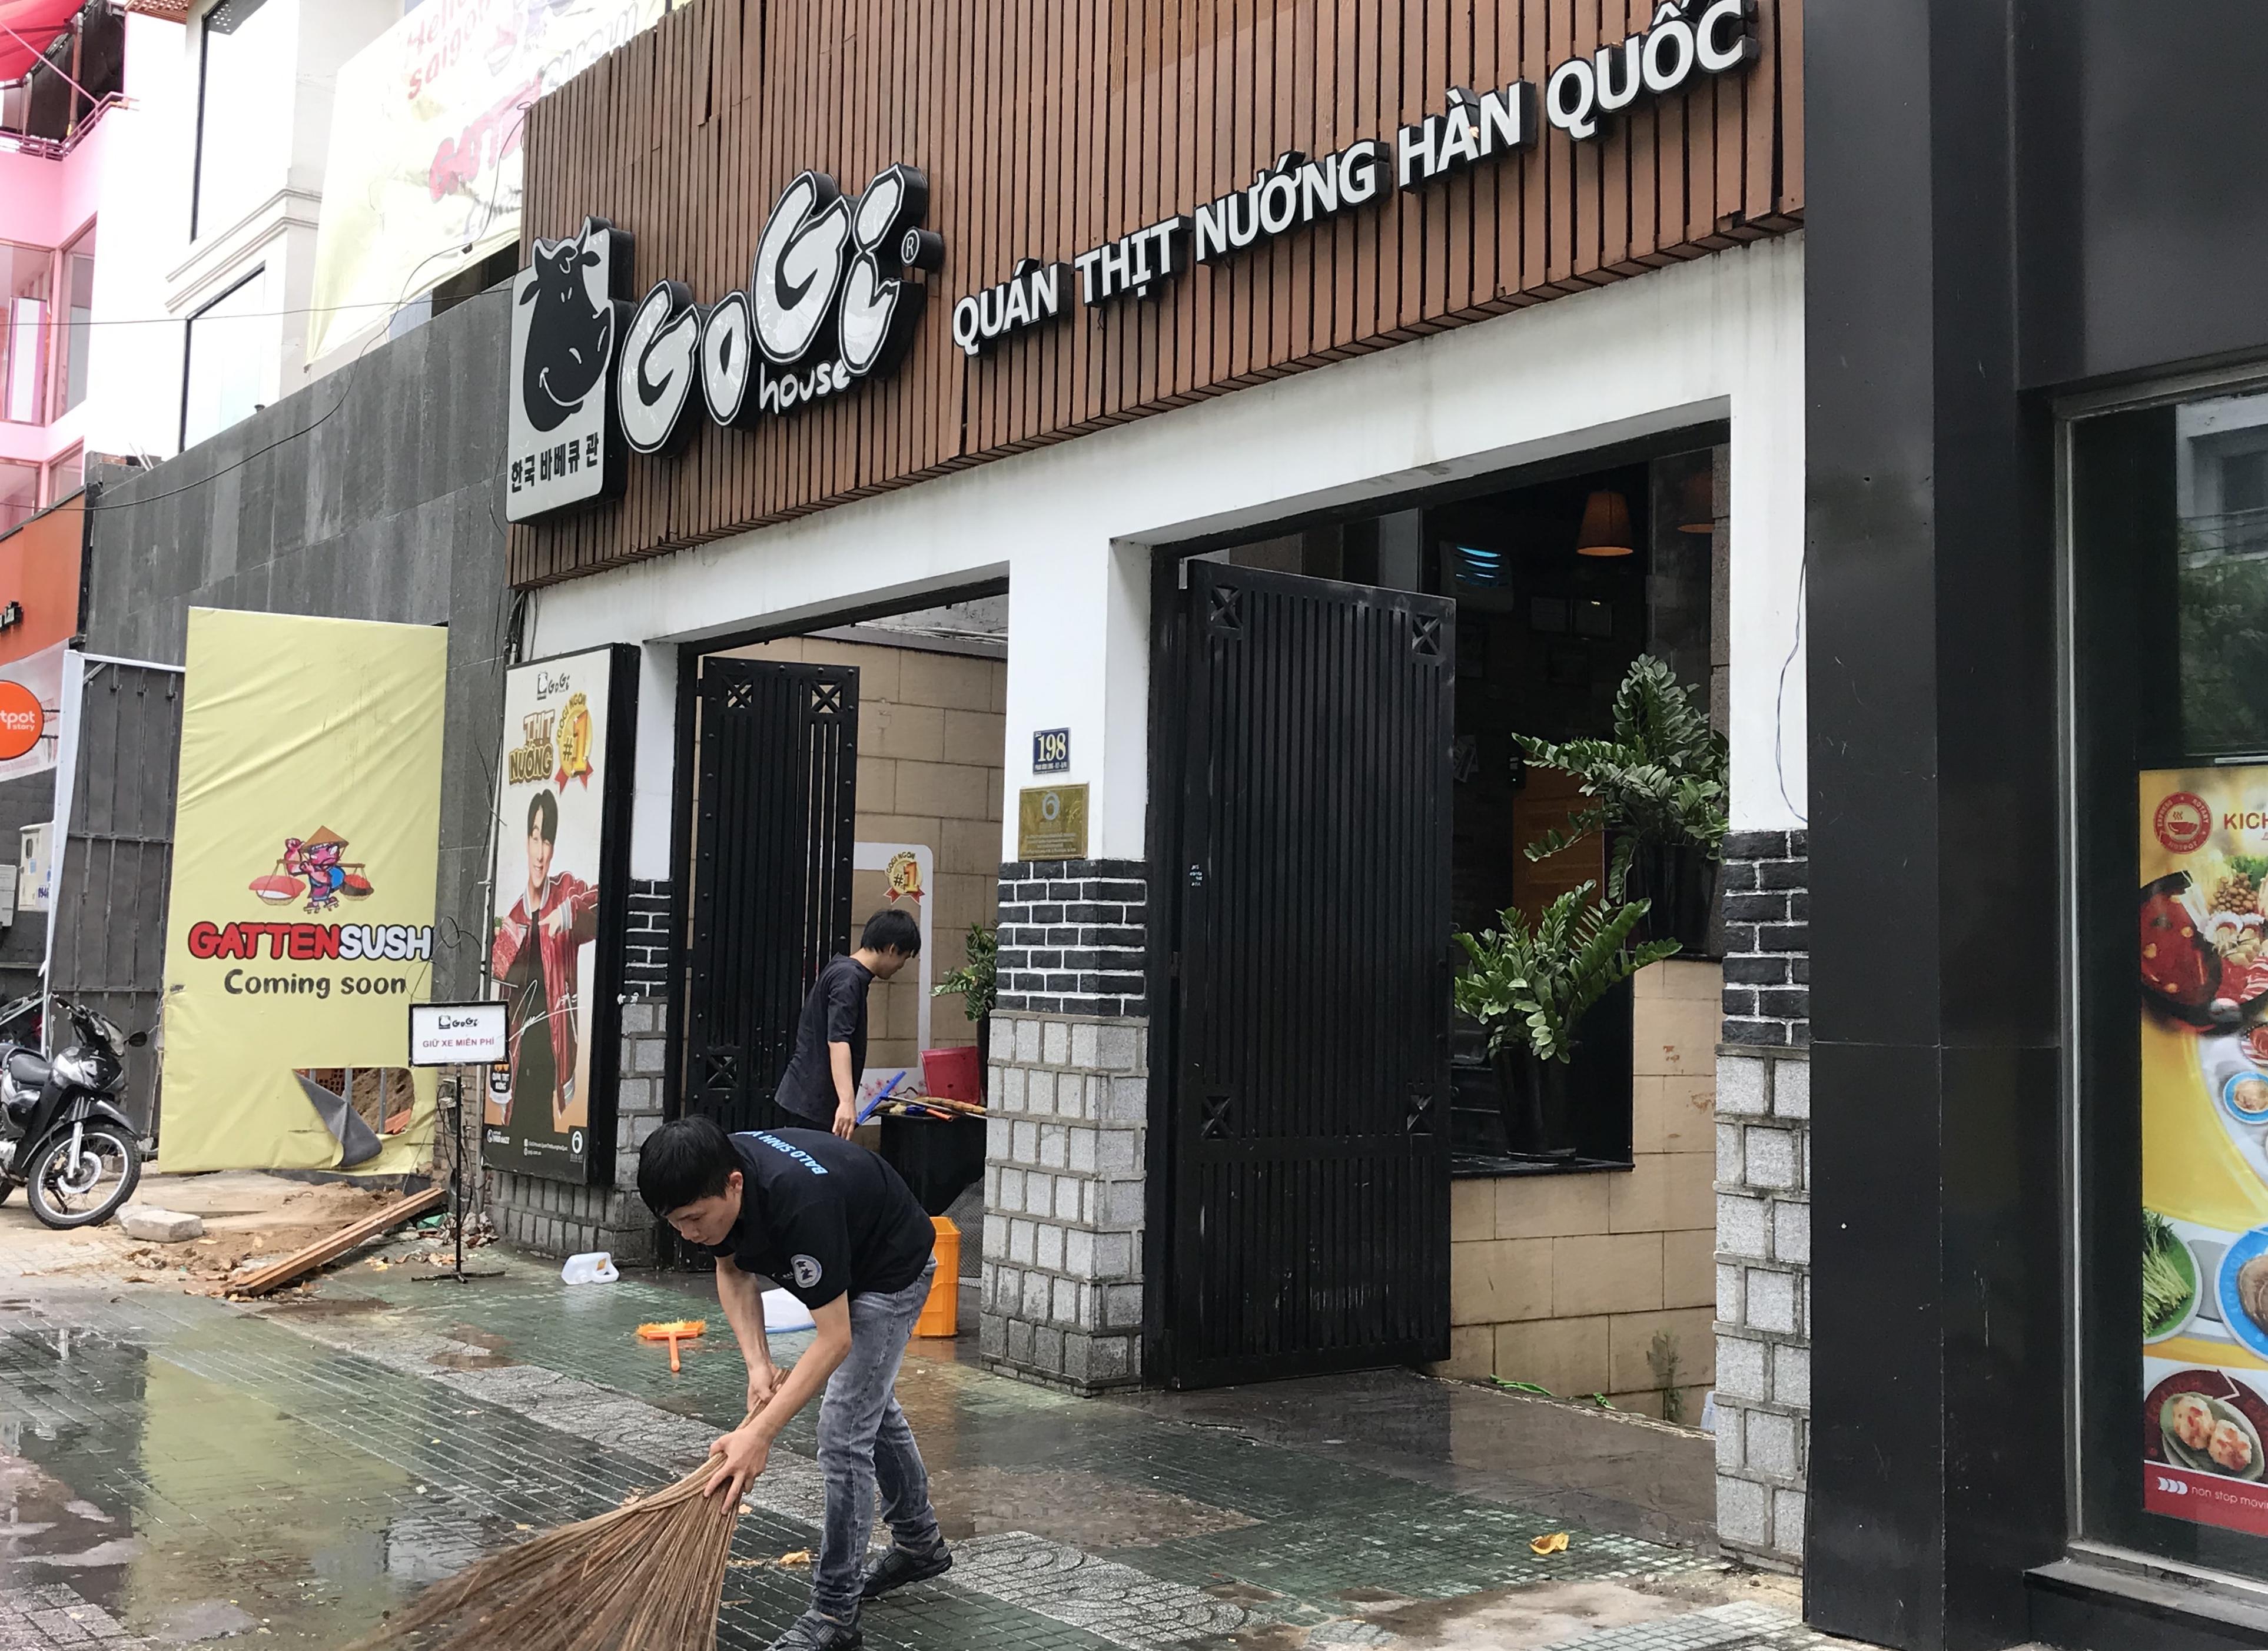 Hàng quán Sài Gòn tất bật dọn dẹp, hi vọng được mở cửa hoạt động lại vào ngày mai - Ảnh 2.